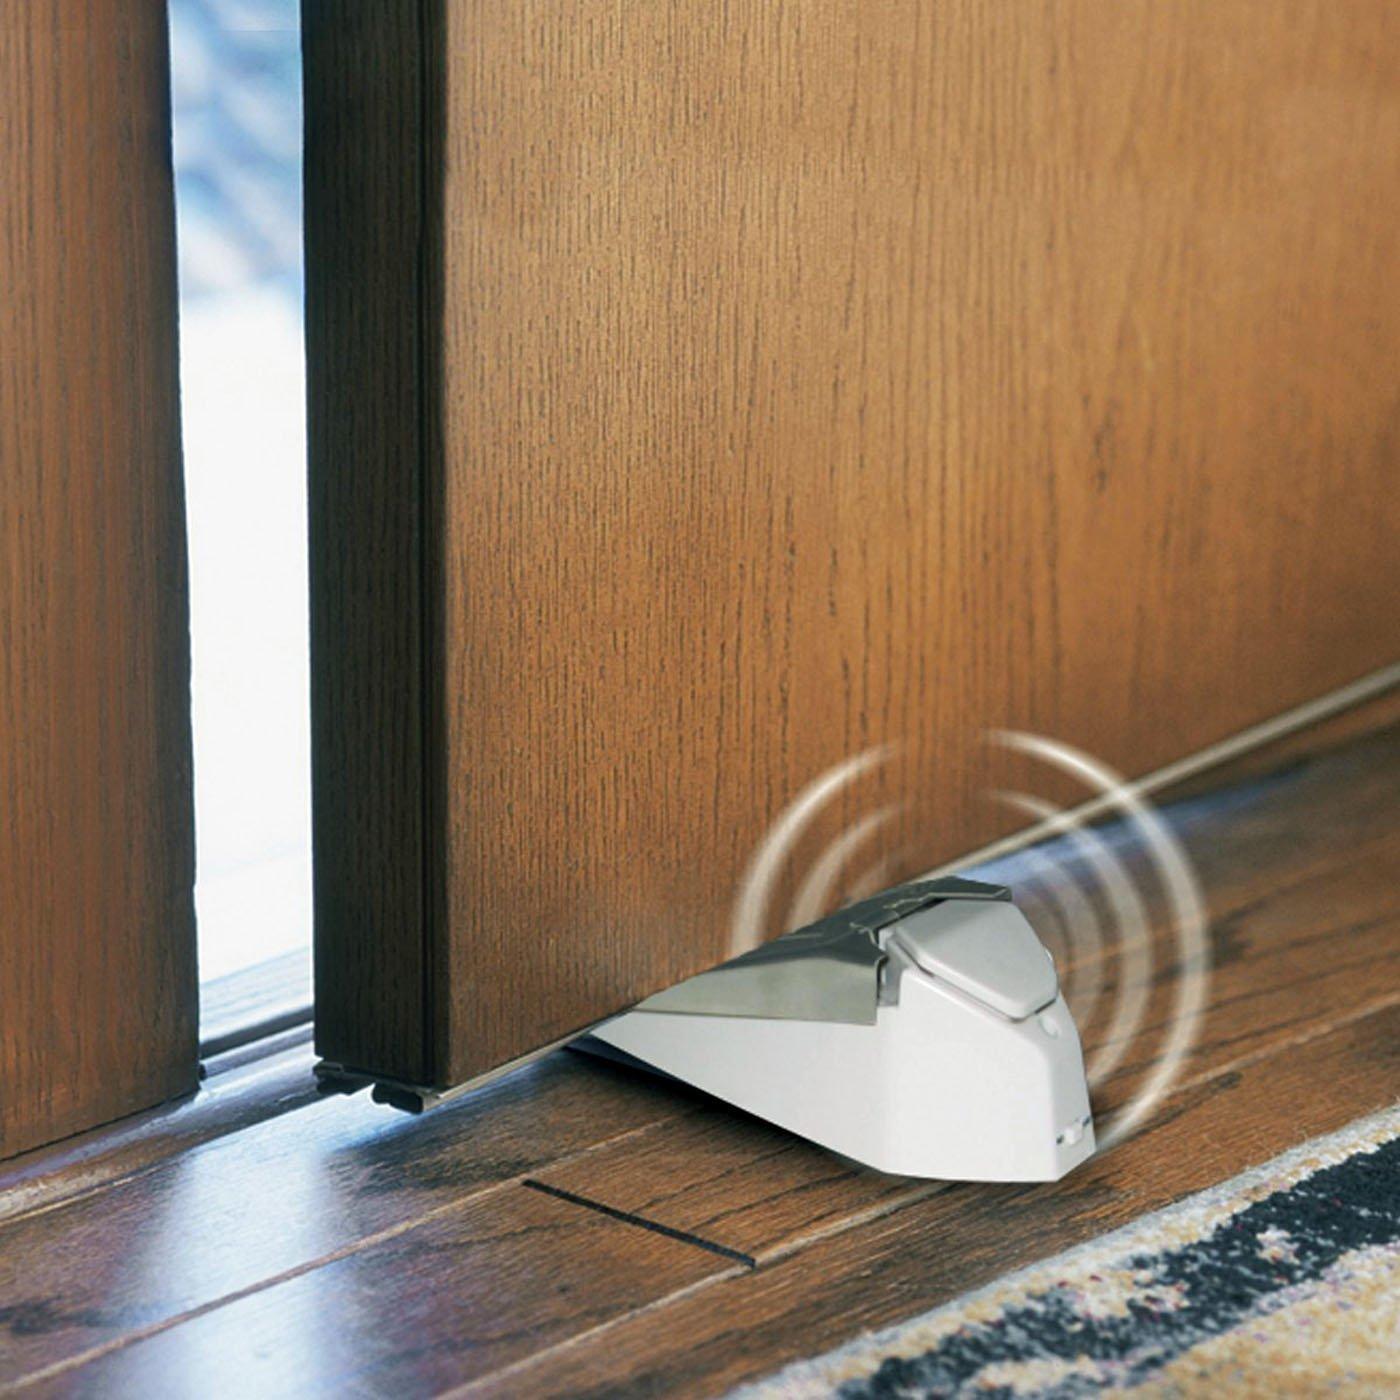 GE Metal Under Door Stopper Blocker Security Alarm System